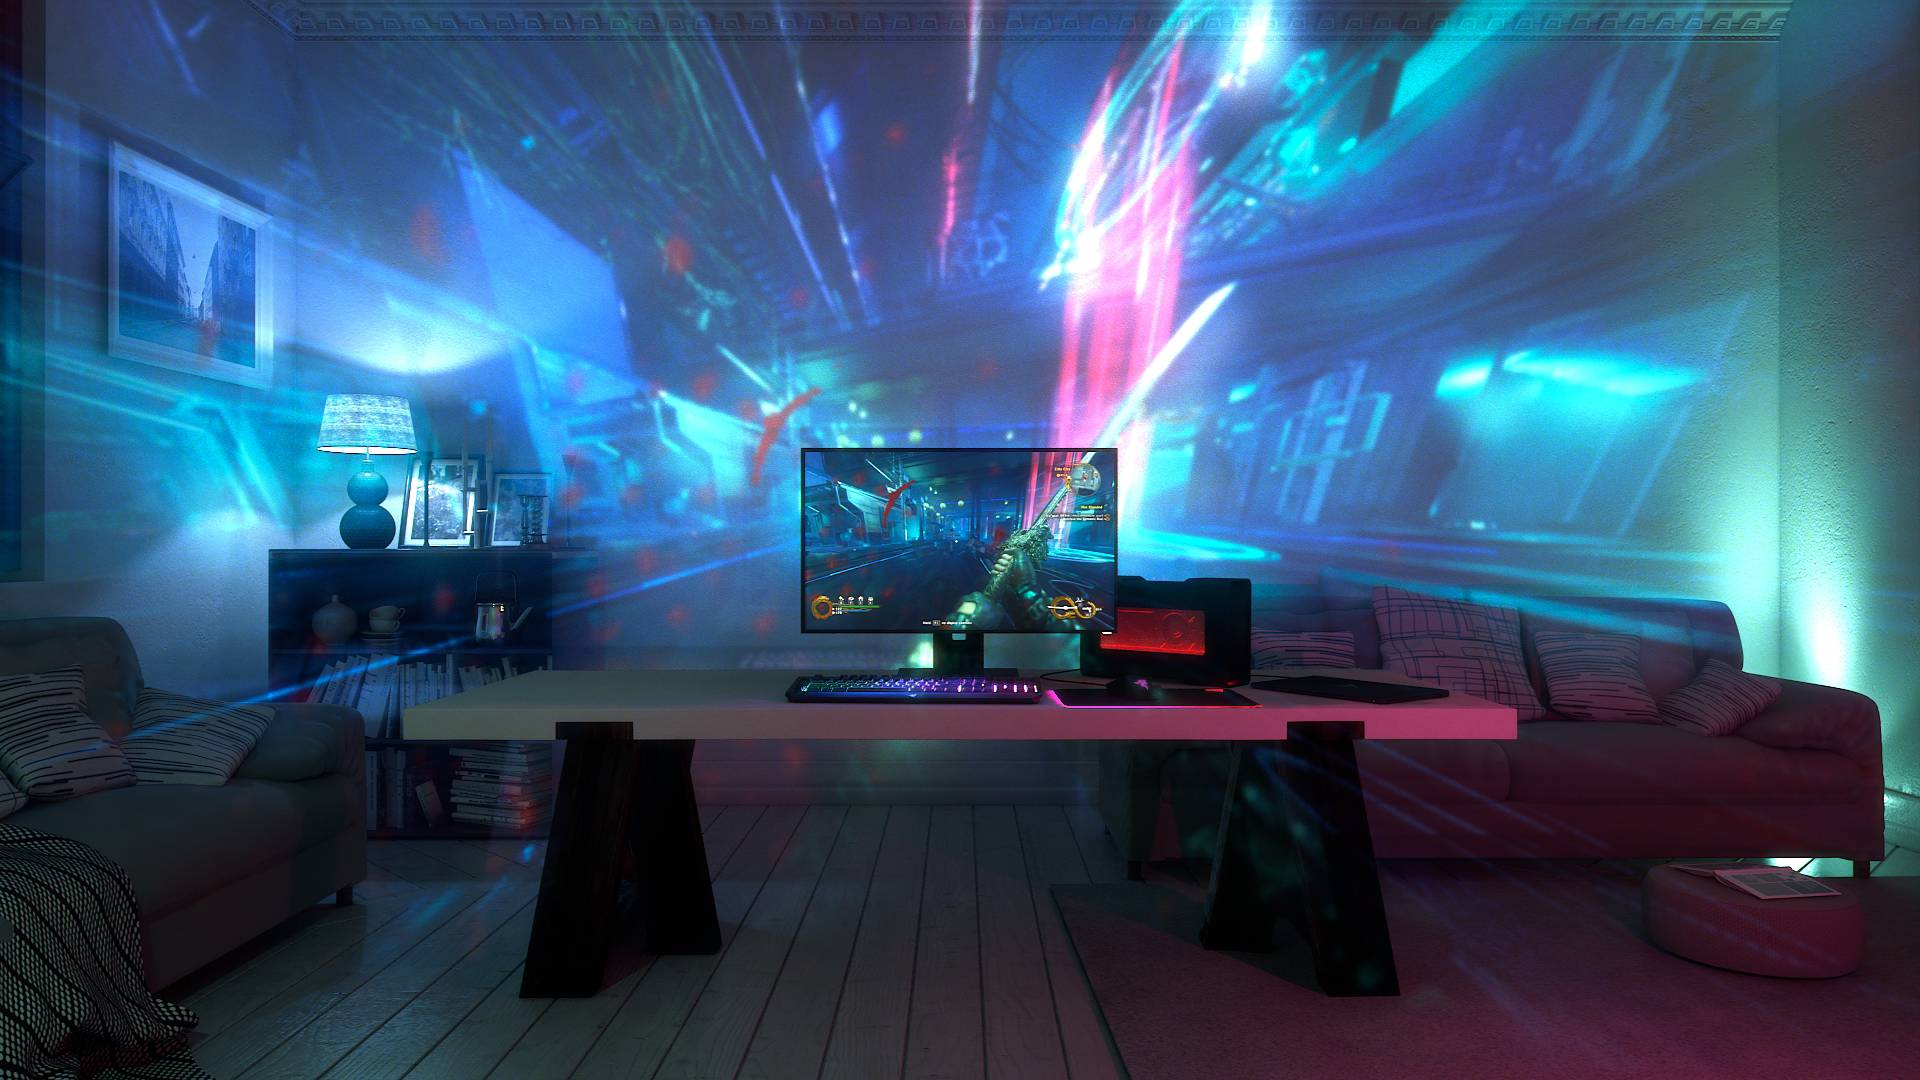 Uz ovaj projektor cijela soba pretvorit će se u svijet iz igara